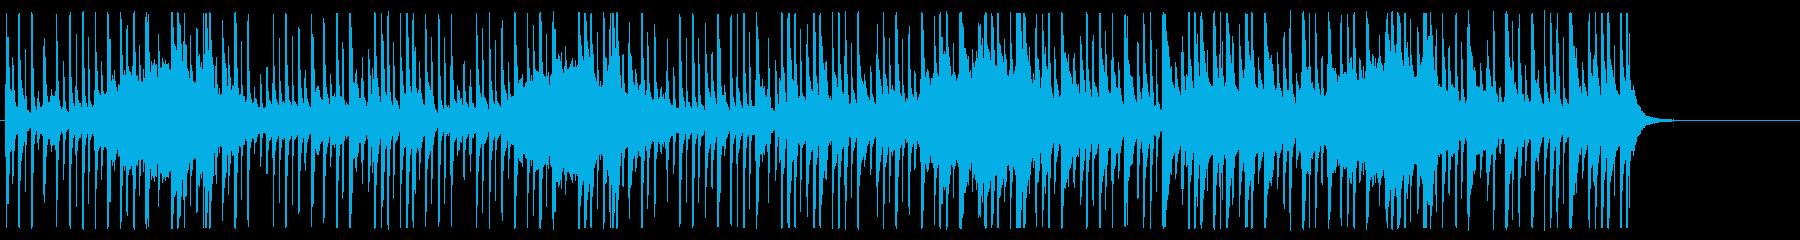 不思議/民族/ジャングル_No492_4の再生済みの波形